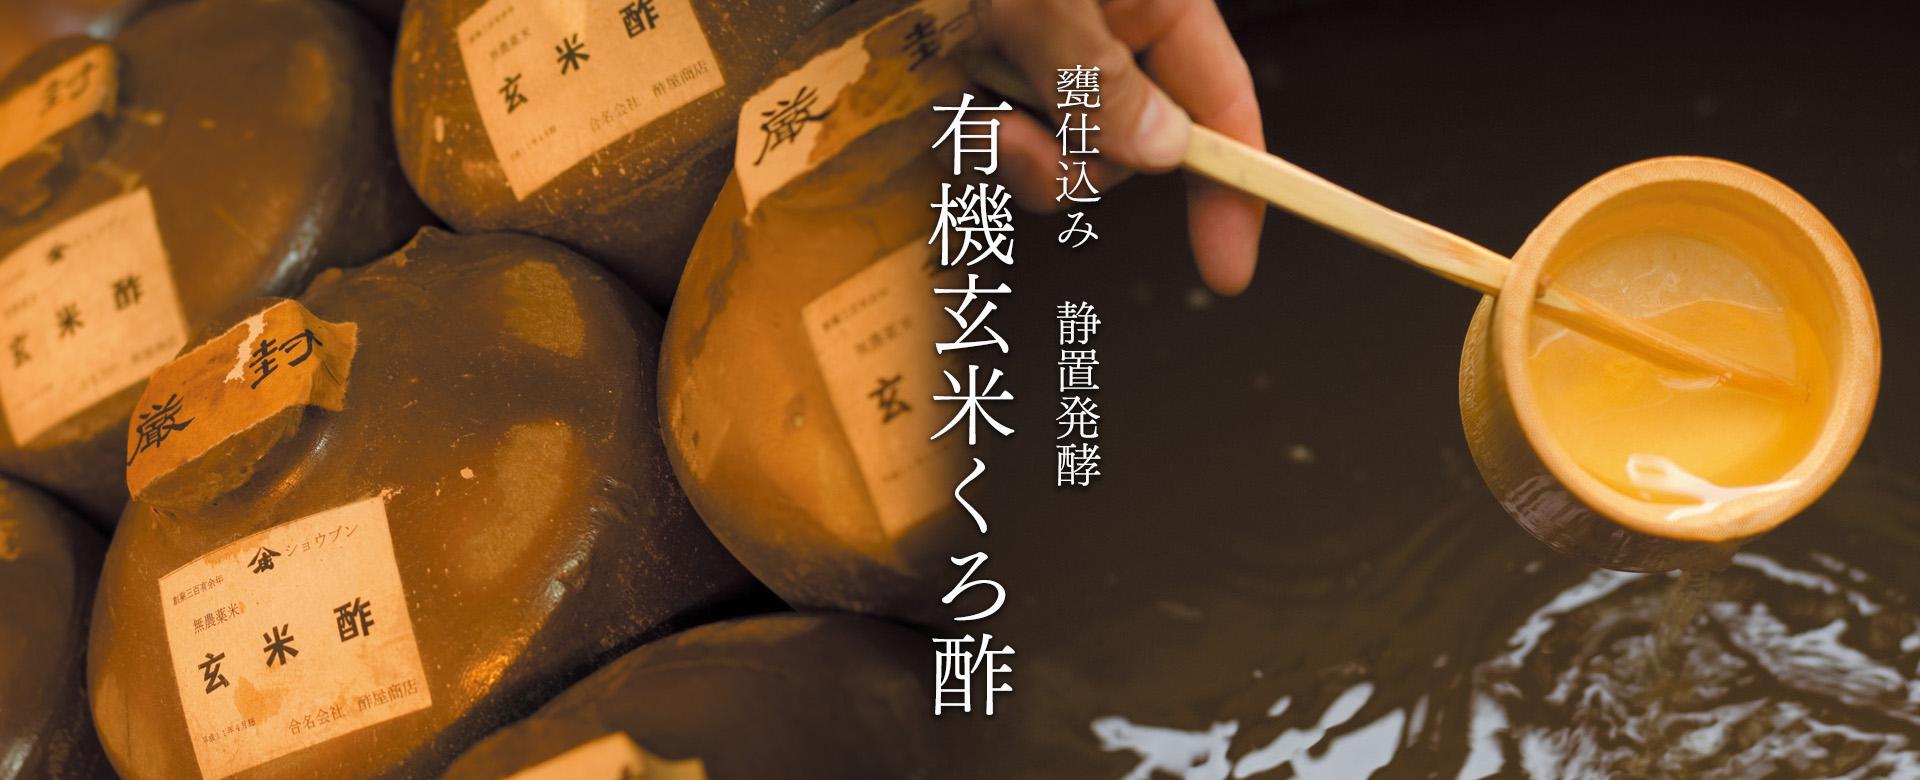 甕仕込み静置発酵有機玄米くろ酢